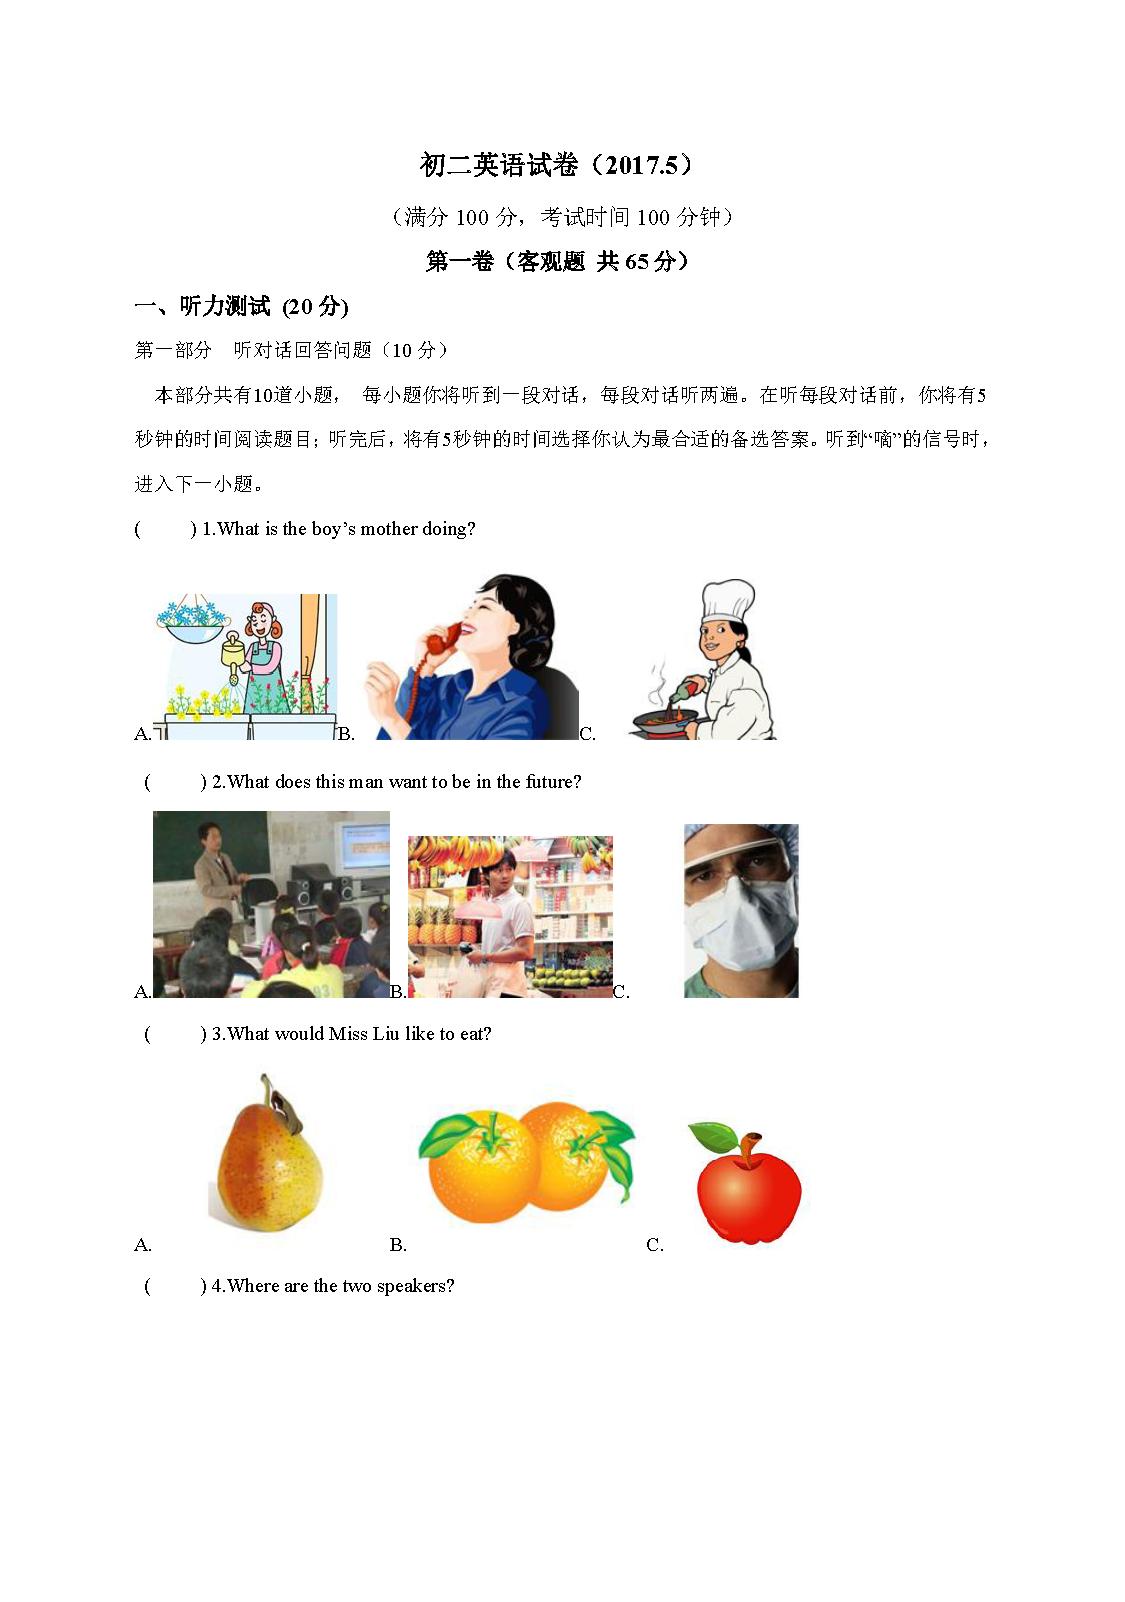 2017江苏江阴暨阳中学八年级下第二次月考英语试题(Word版)